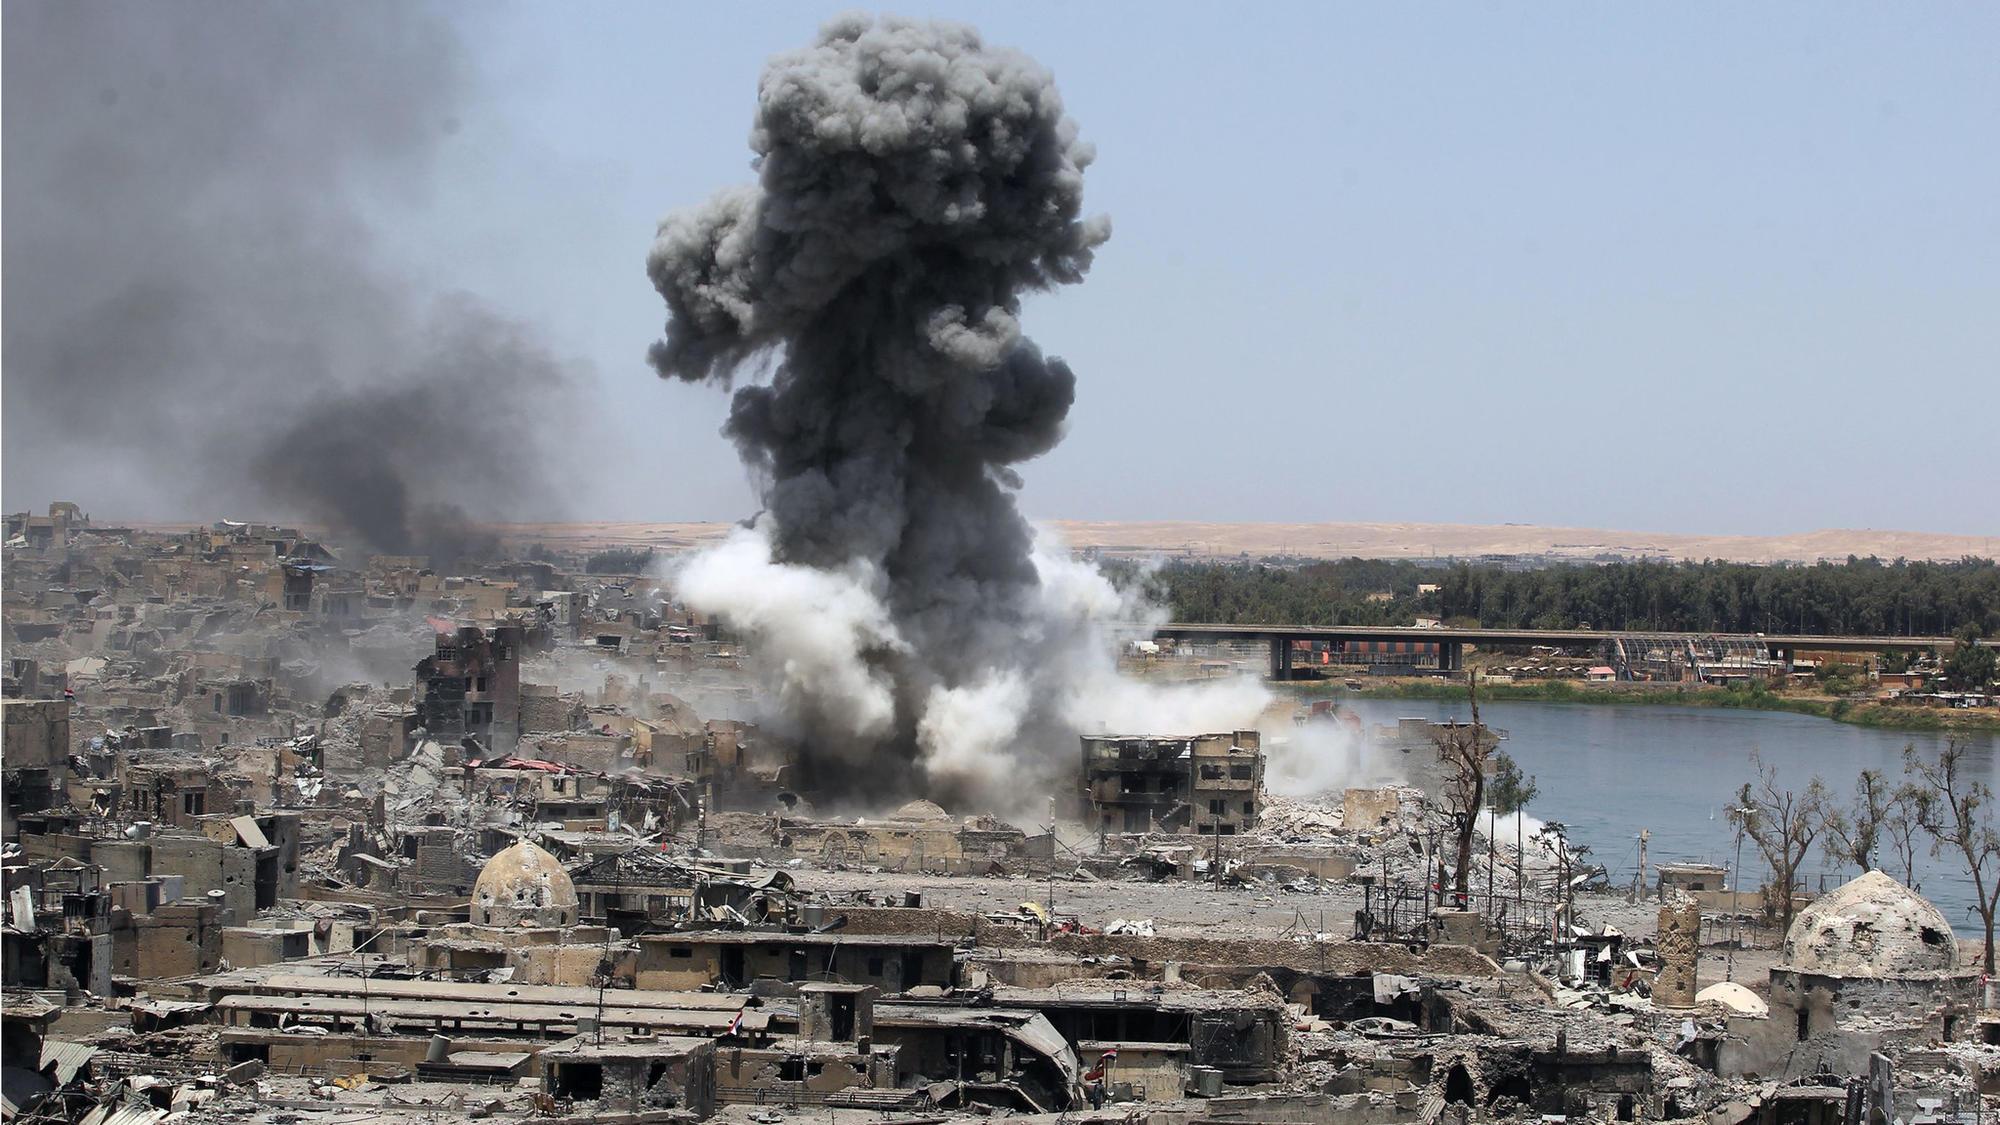 Airstrike in Mosul